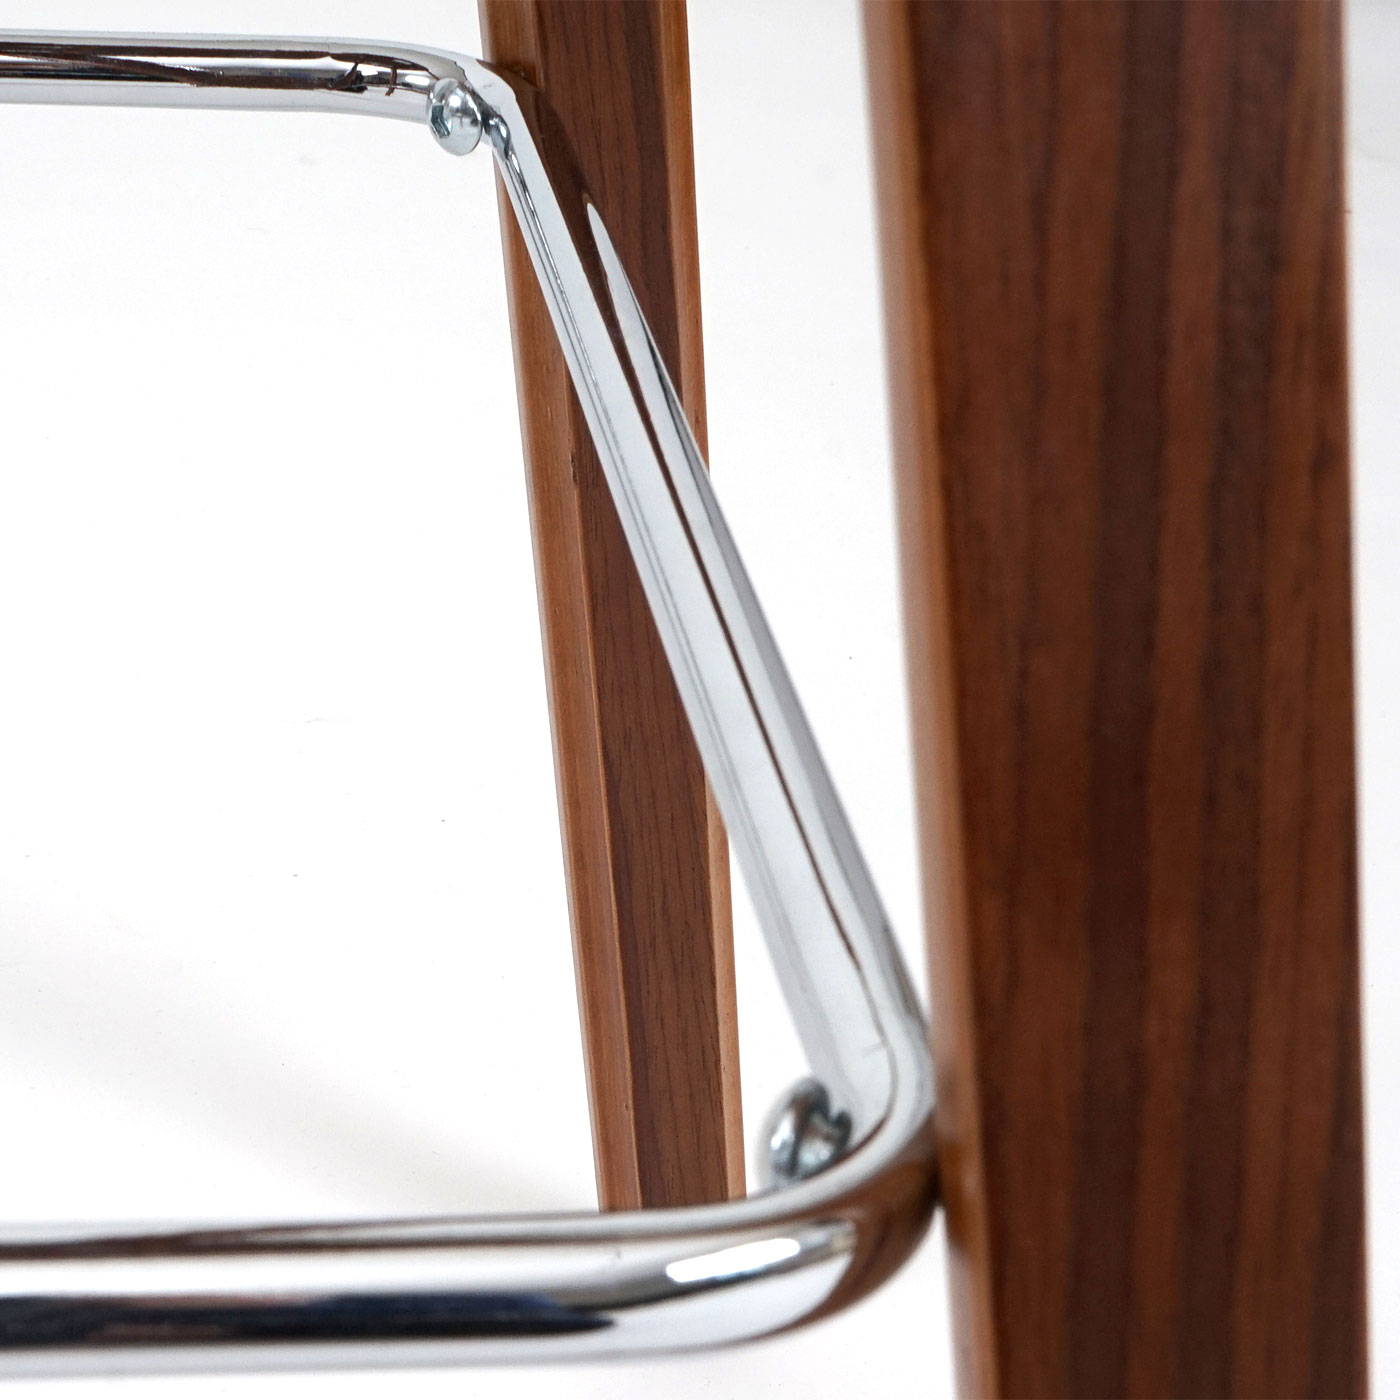 2x tabouret de bar hwc c32 chaise de comptoir style r tro optique noix blanc ebay. Black Bedroom Furniture Sets. Home Design Ideas